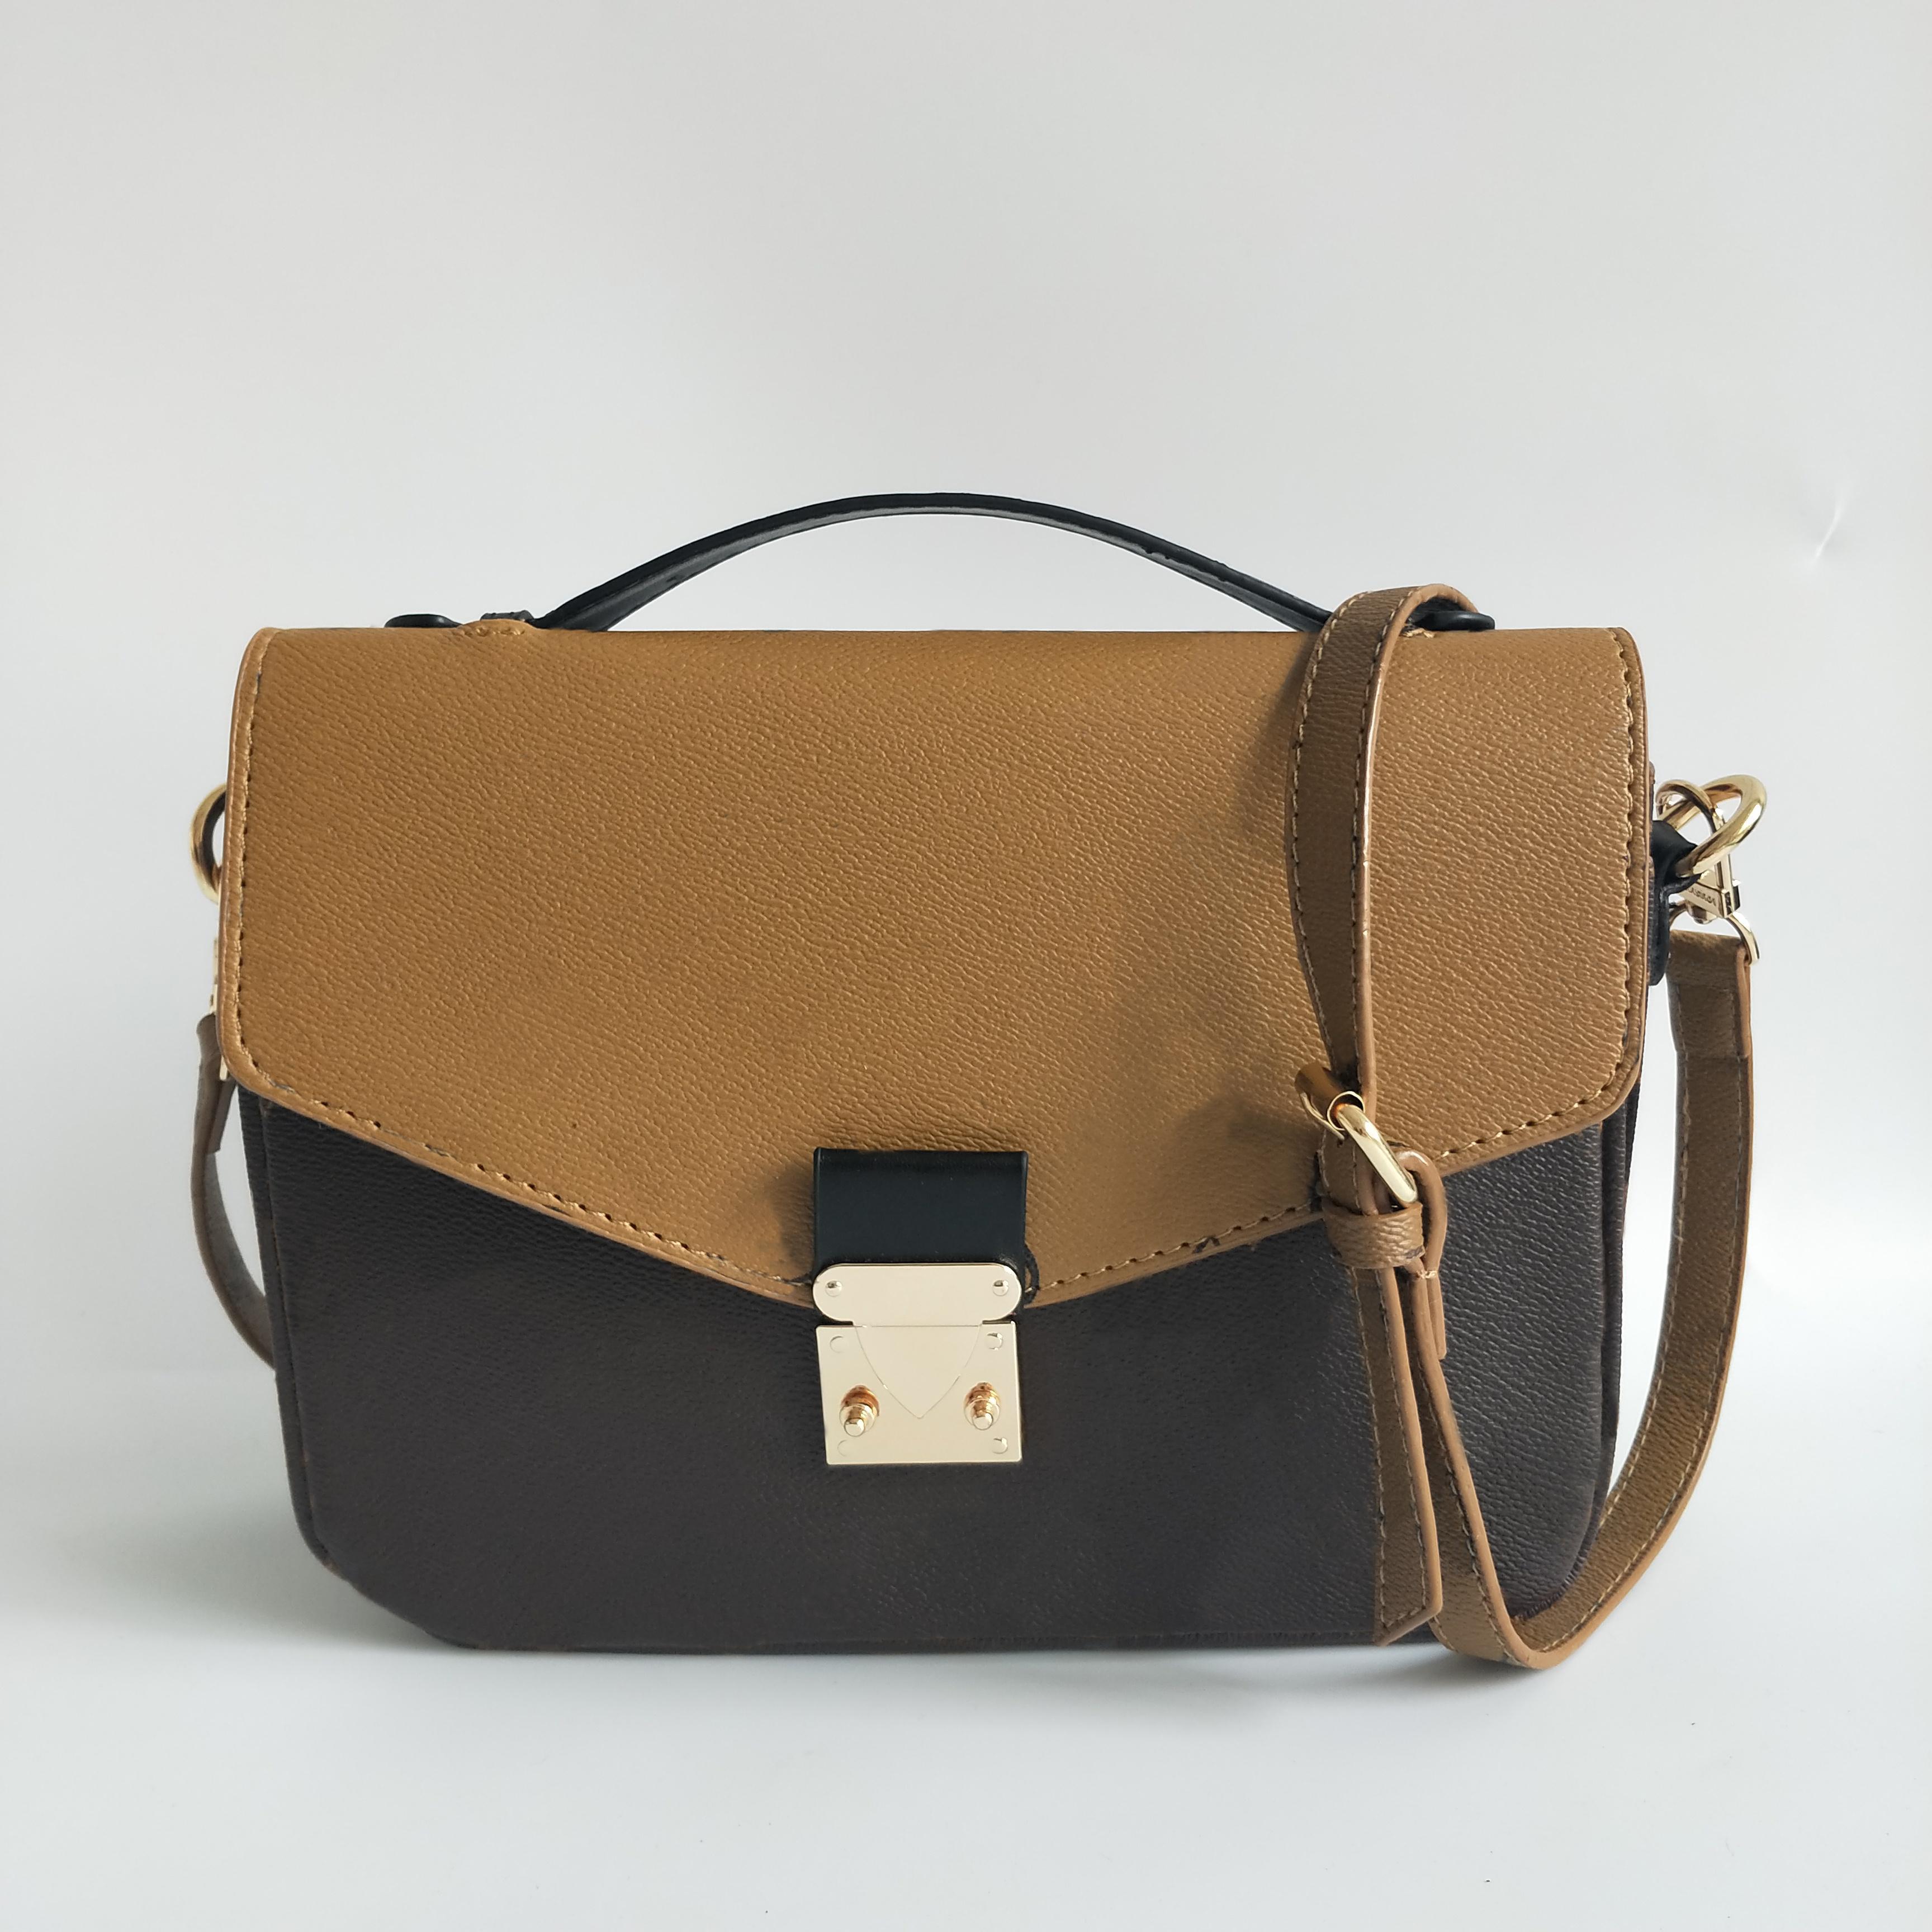 Heißer Verkauf Mode Frauen Handtaschen Geldbörsen Messenger Bags Crossbody Taschen Totes Brieftaschen Umhängetaschen M44881 US-Lager Schnelle Lieferung